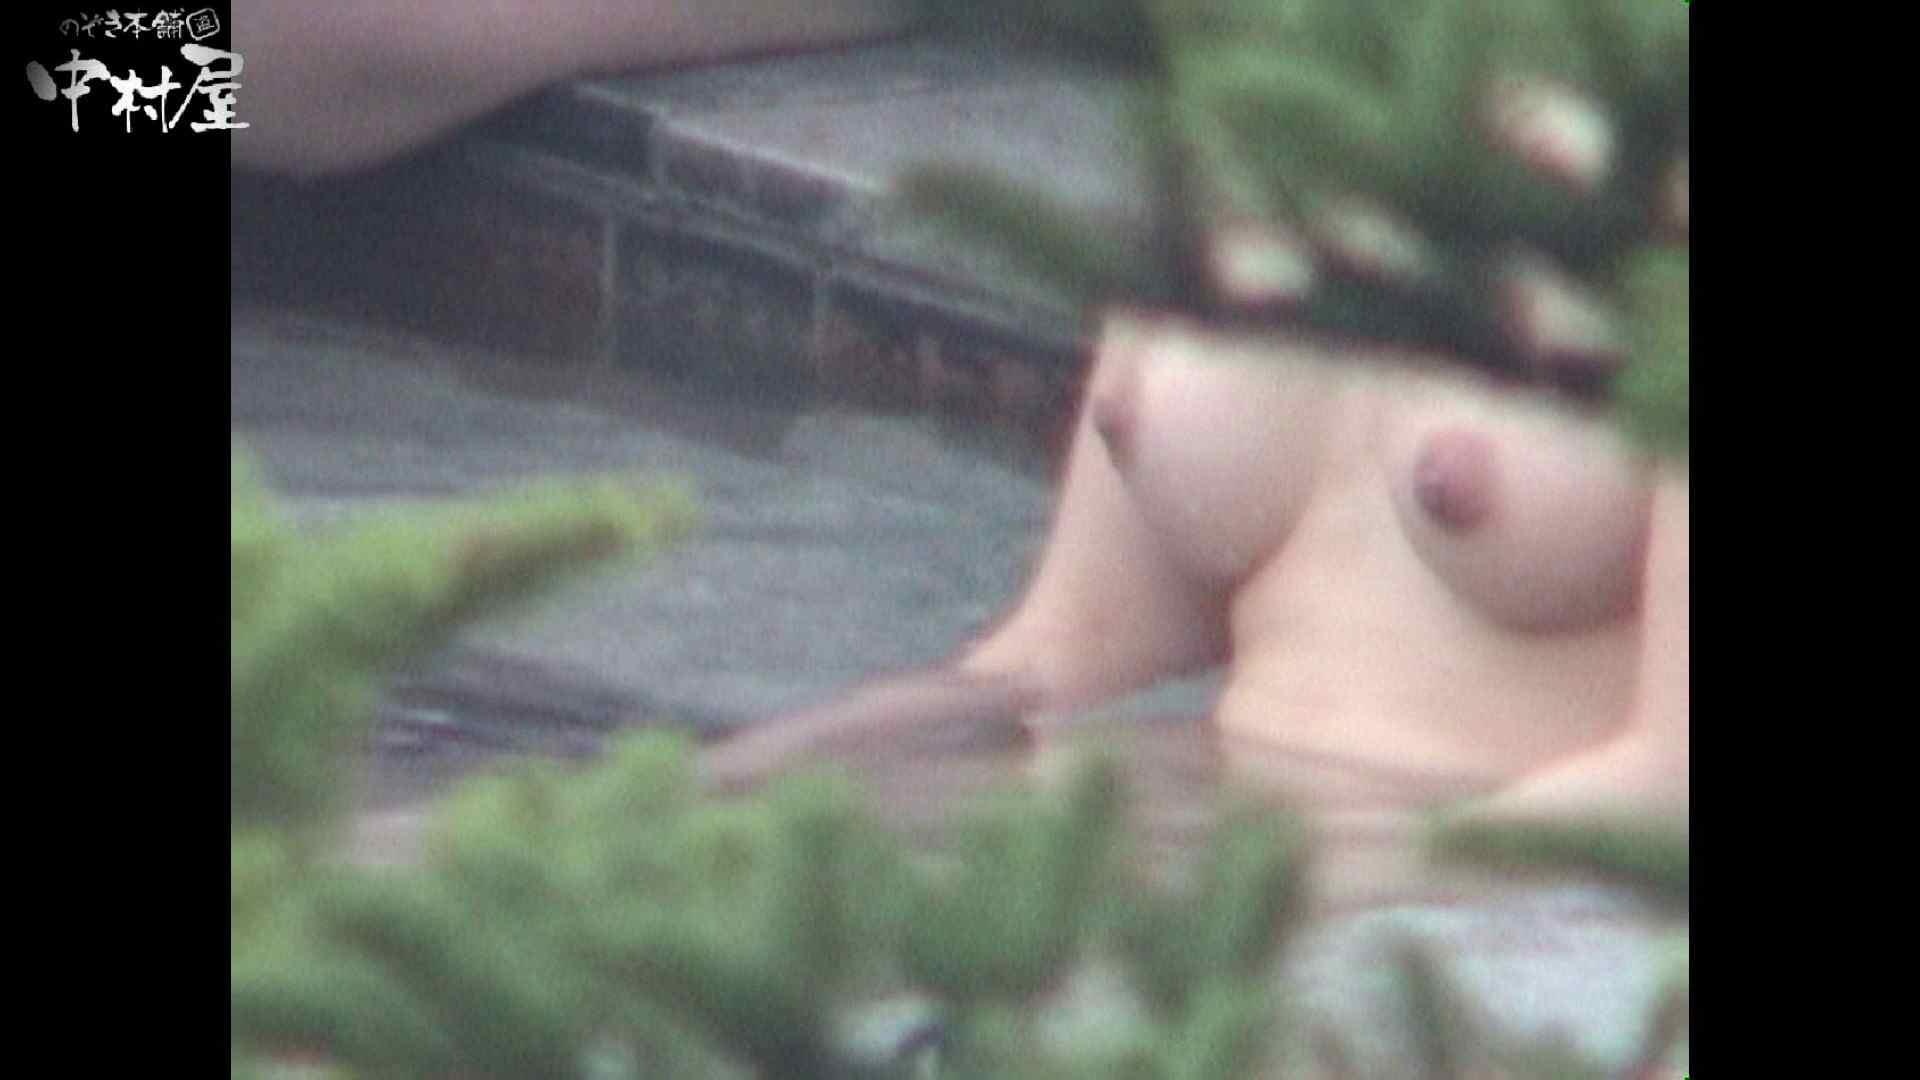 Aquaな露天風呂Vol.962 美しいOLの裸体 オマンコ無修正動画無料 74pic 26